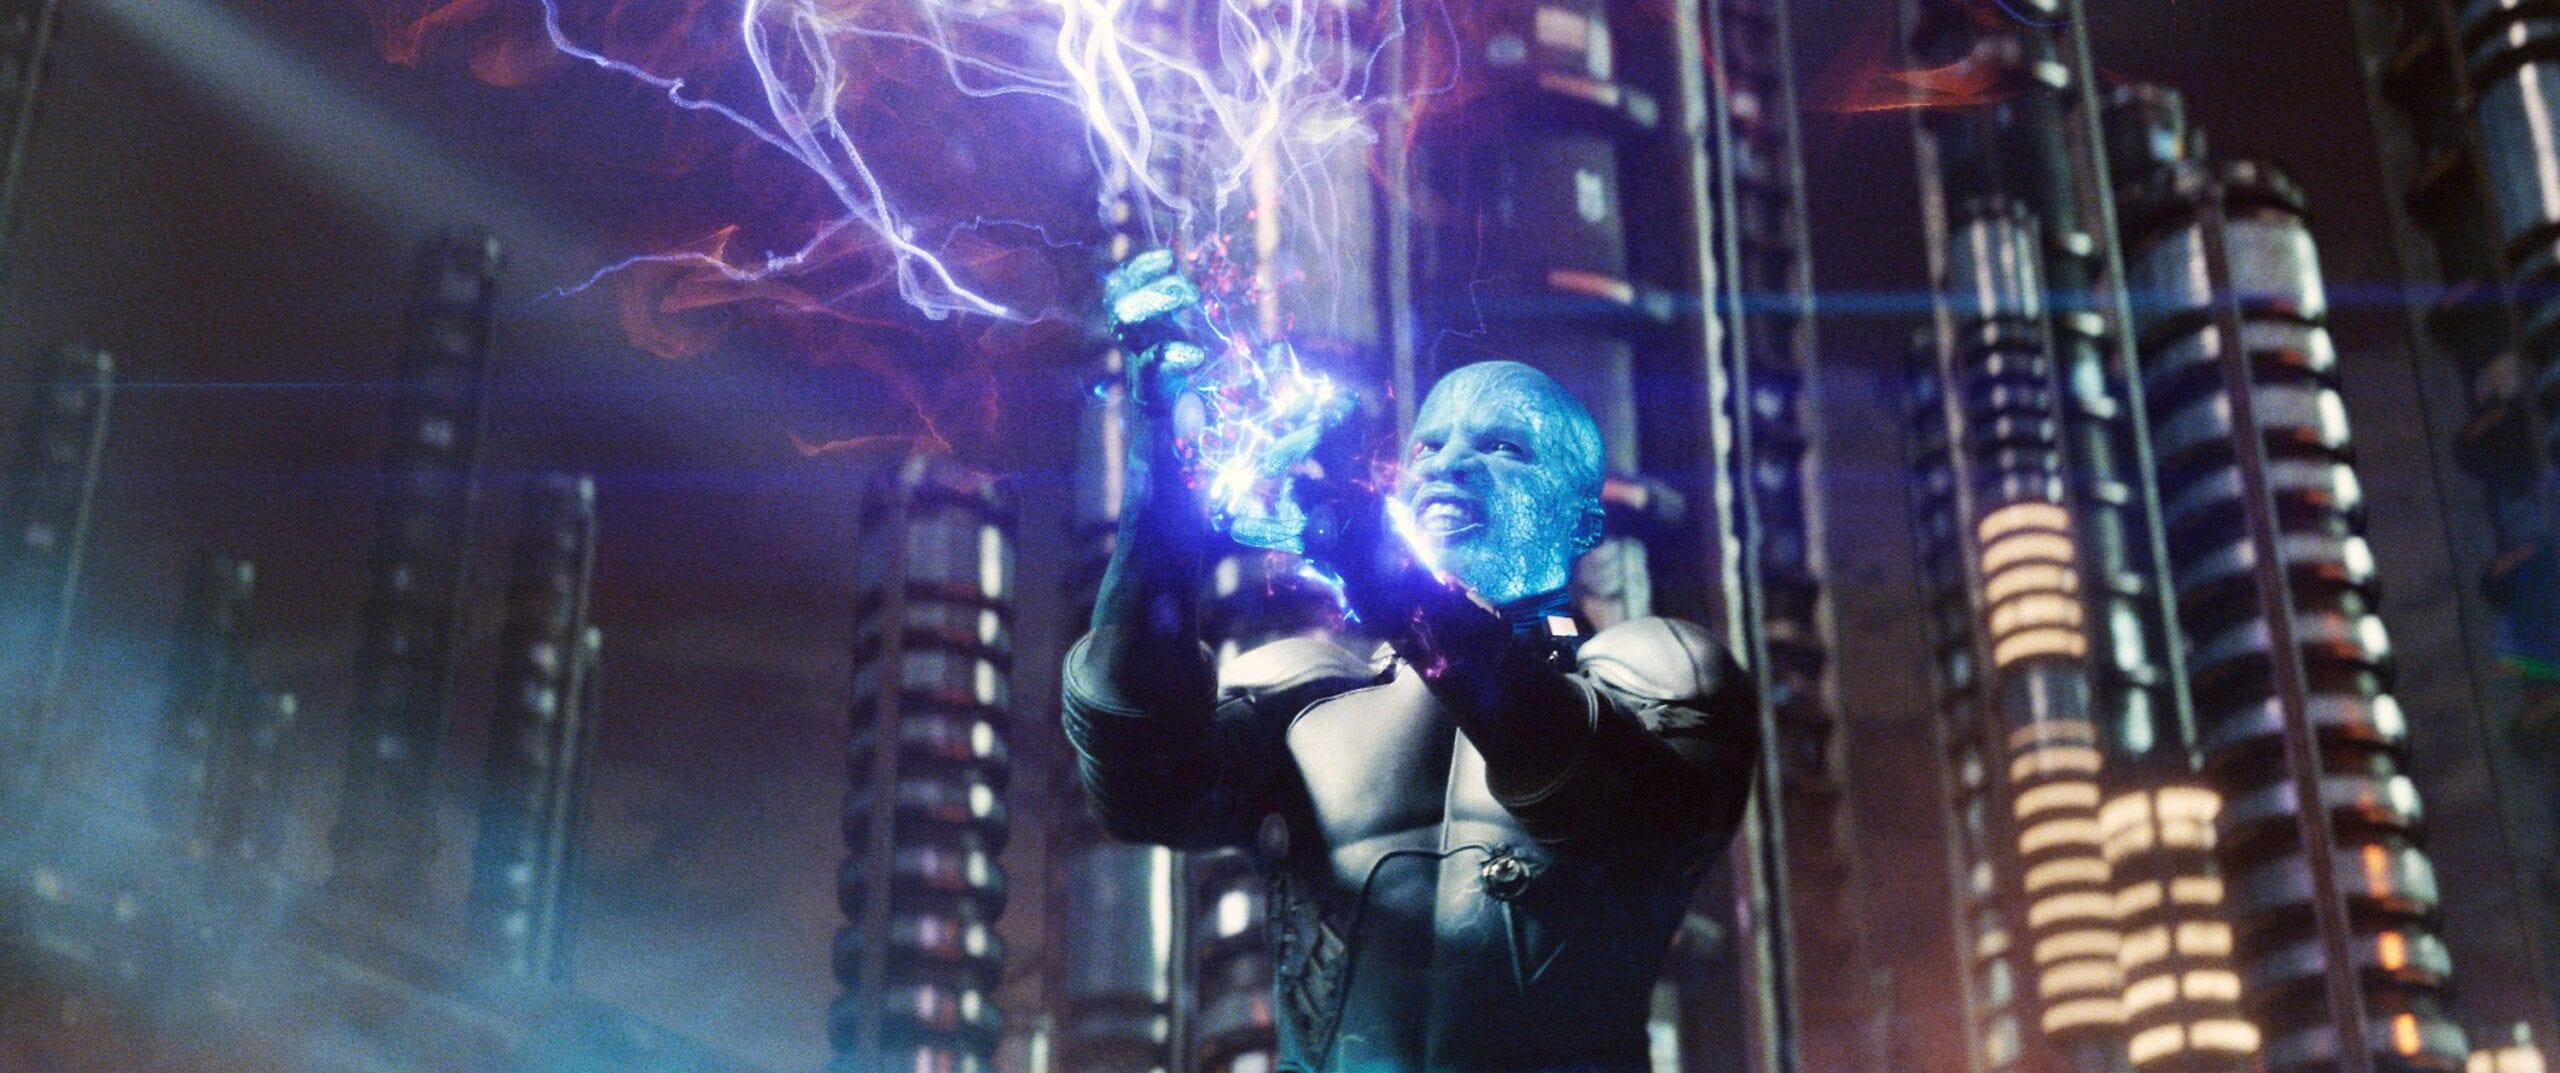 Jamie Foxx Electro Spider-Man 3